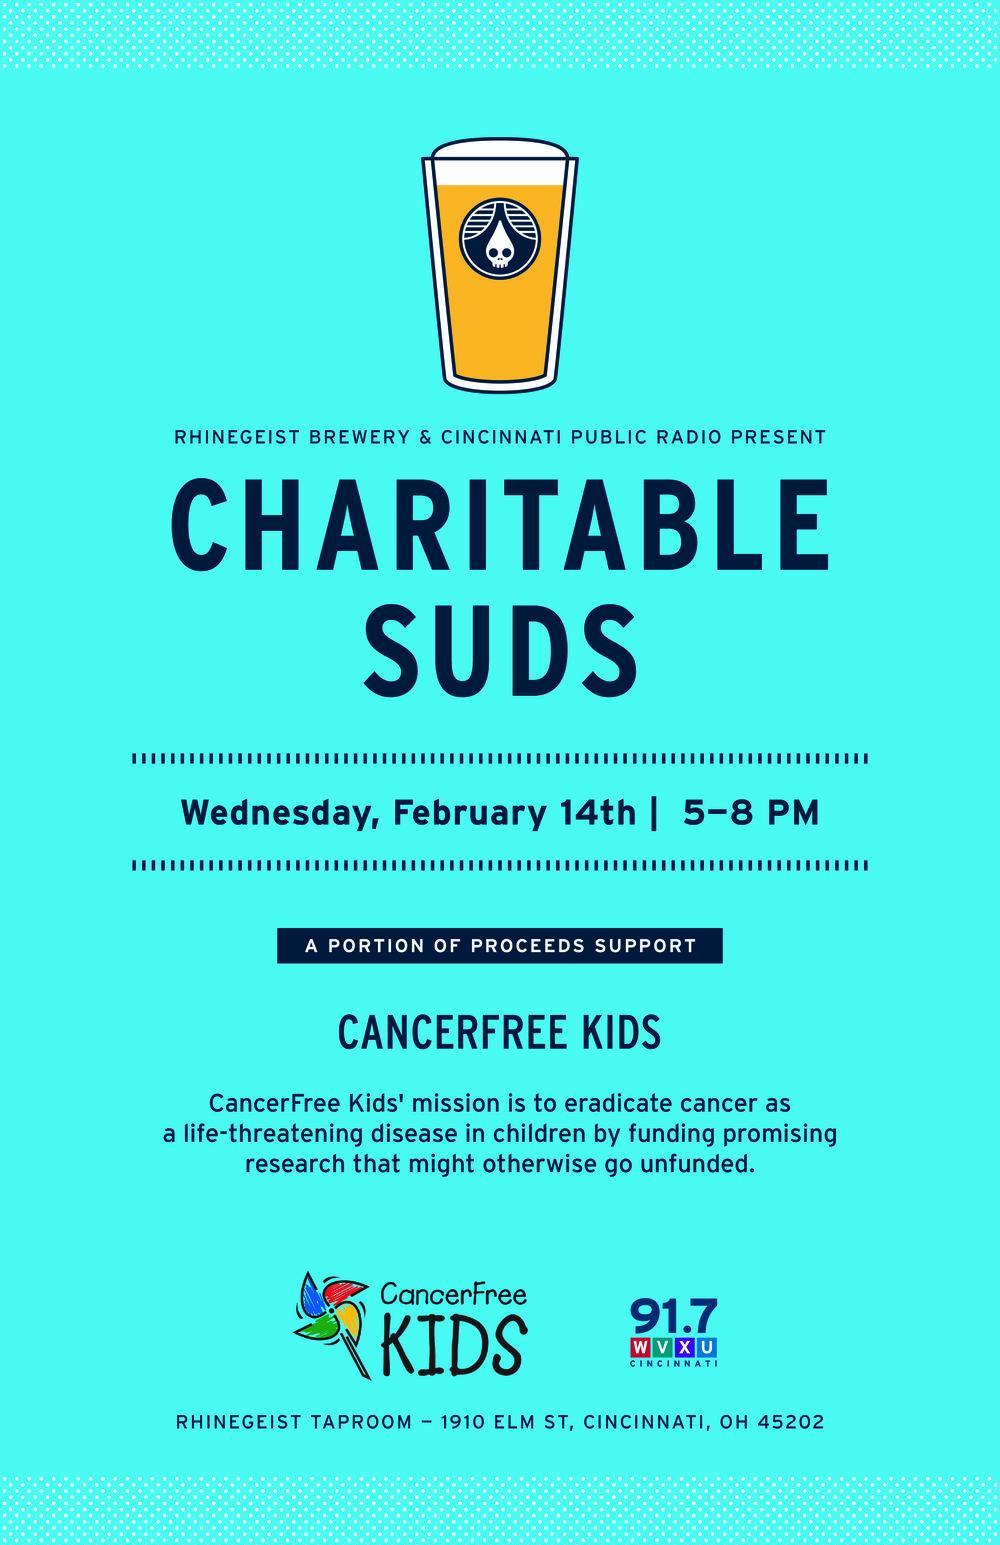 CharitableSuds_CancerFreeKIDS_Poster-01.jpg